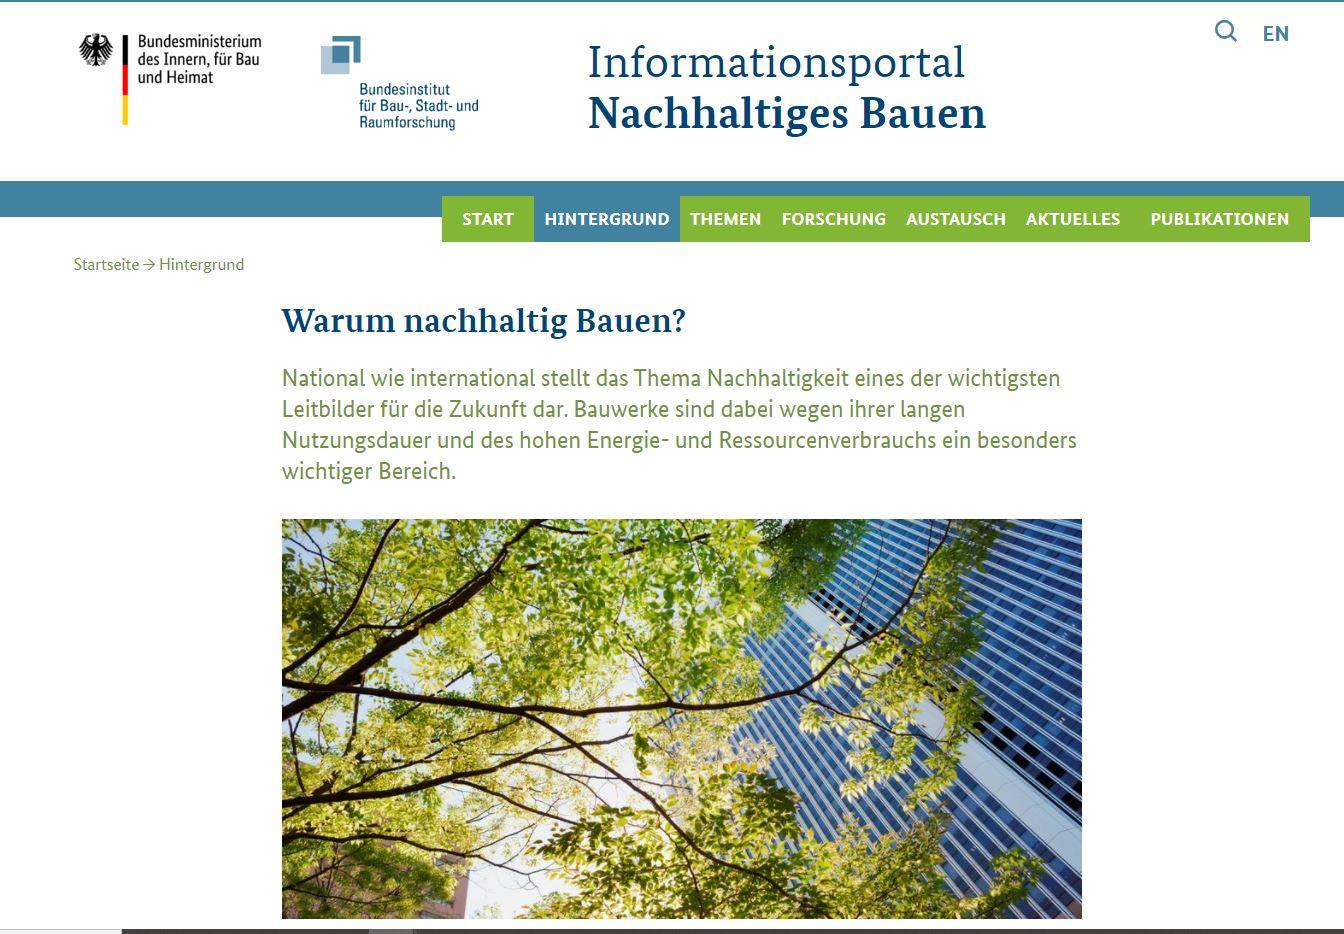 Informationsportal Nachhaltiges Bauen